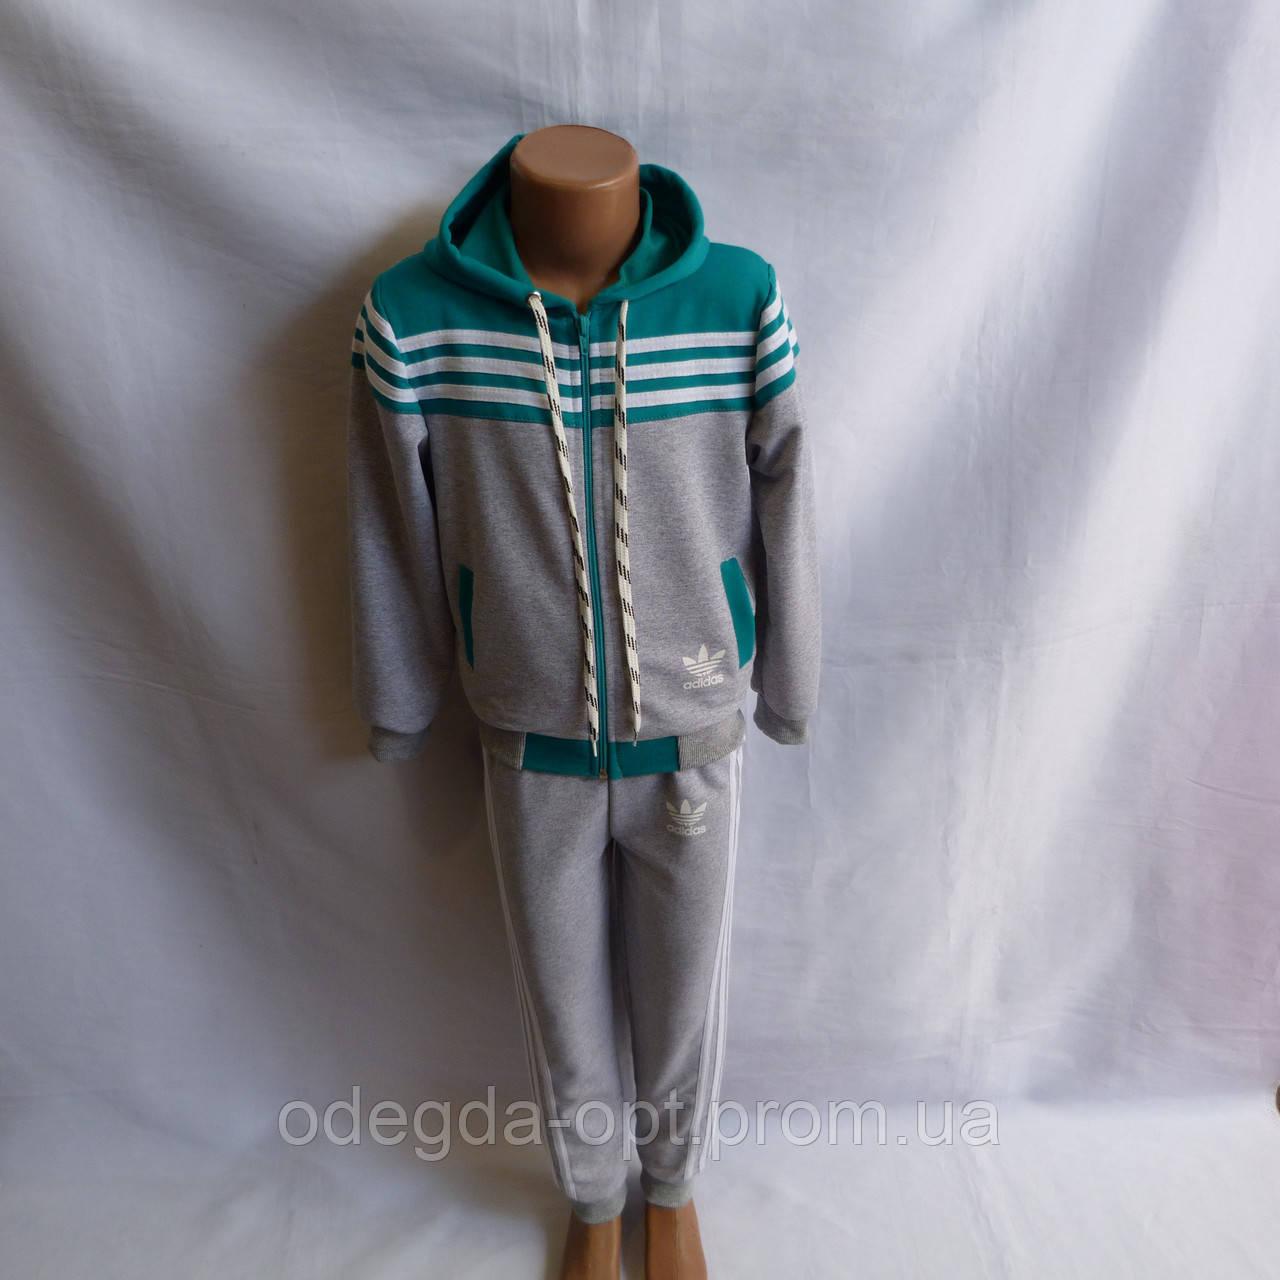 7bc5f1a7b9ff4 Детский спортивный костюм для девочек трикотаж 3-8лет модный купить в  Одессе оптом - Интернет